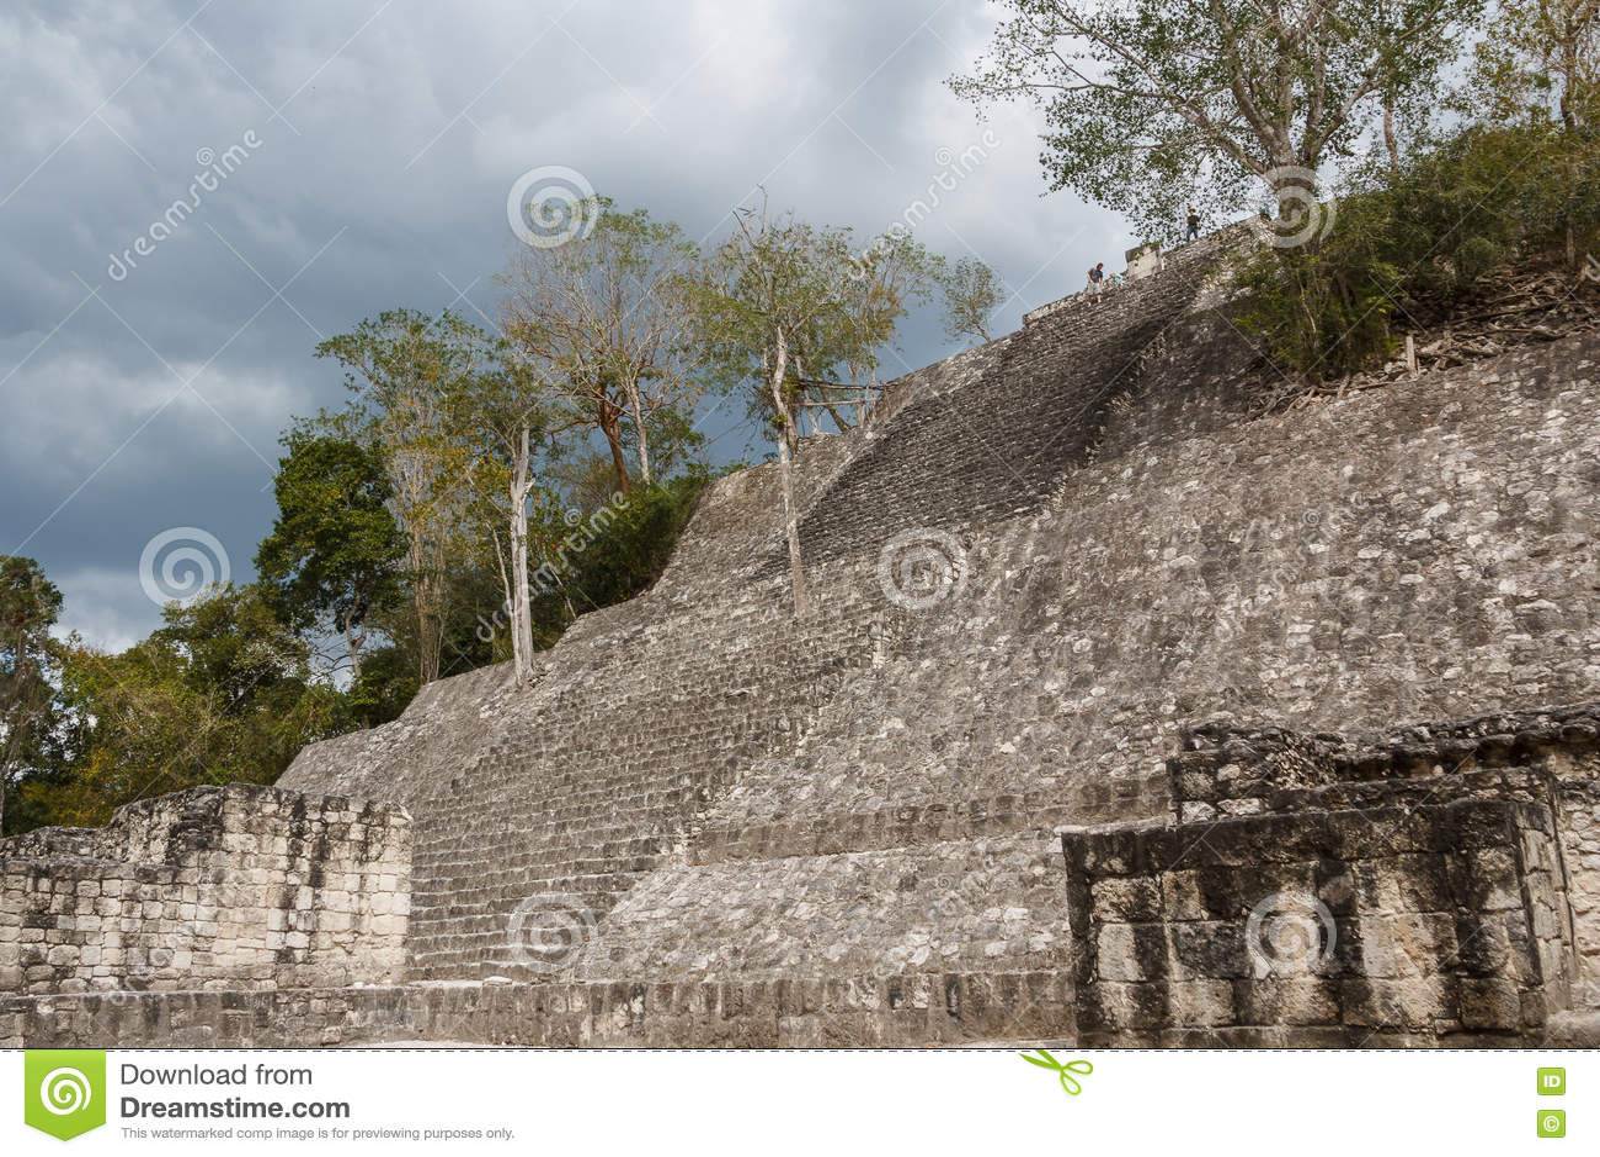 Ruins of the ancient Mayan city of Calakmul